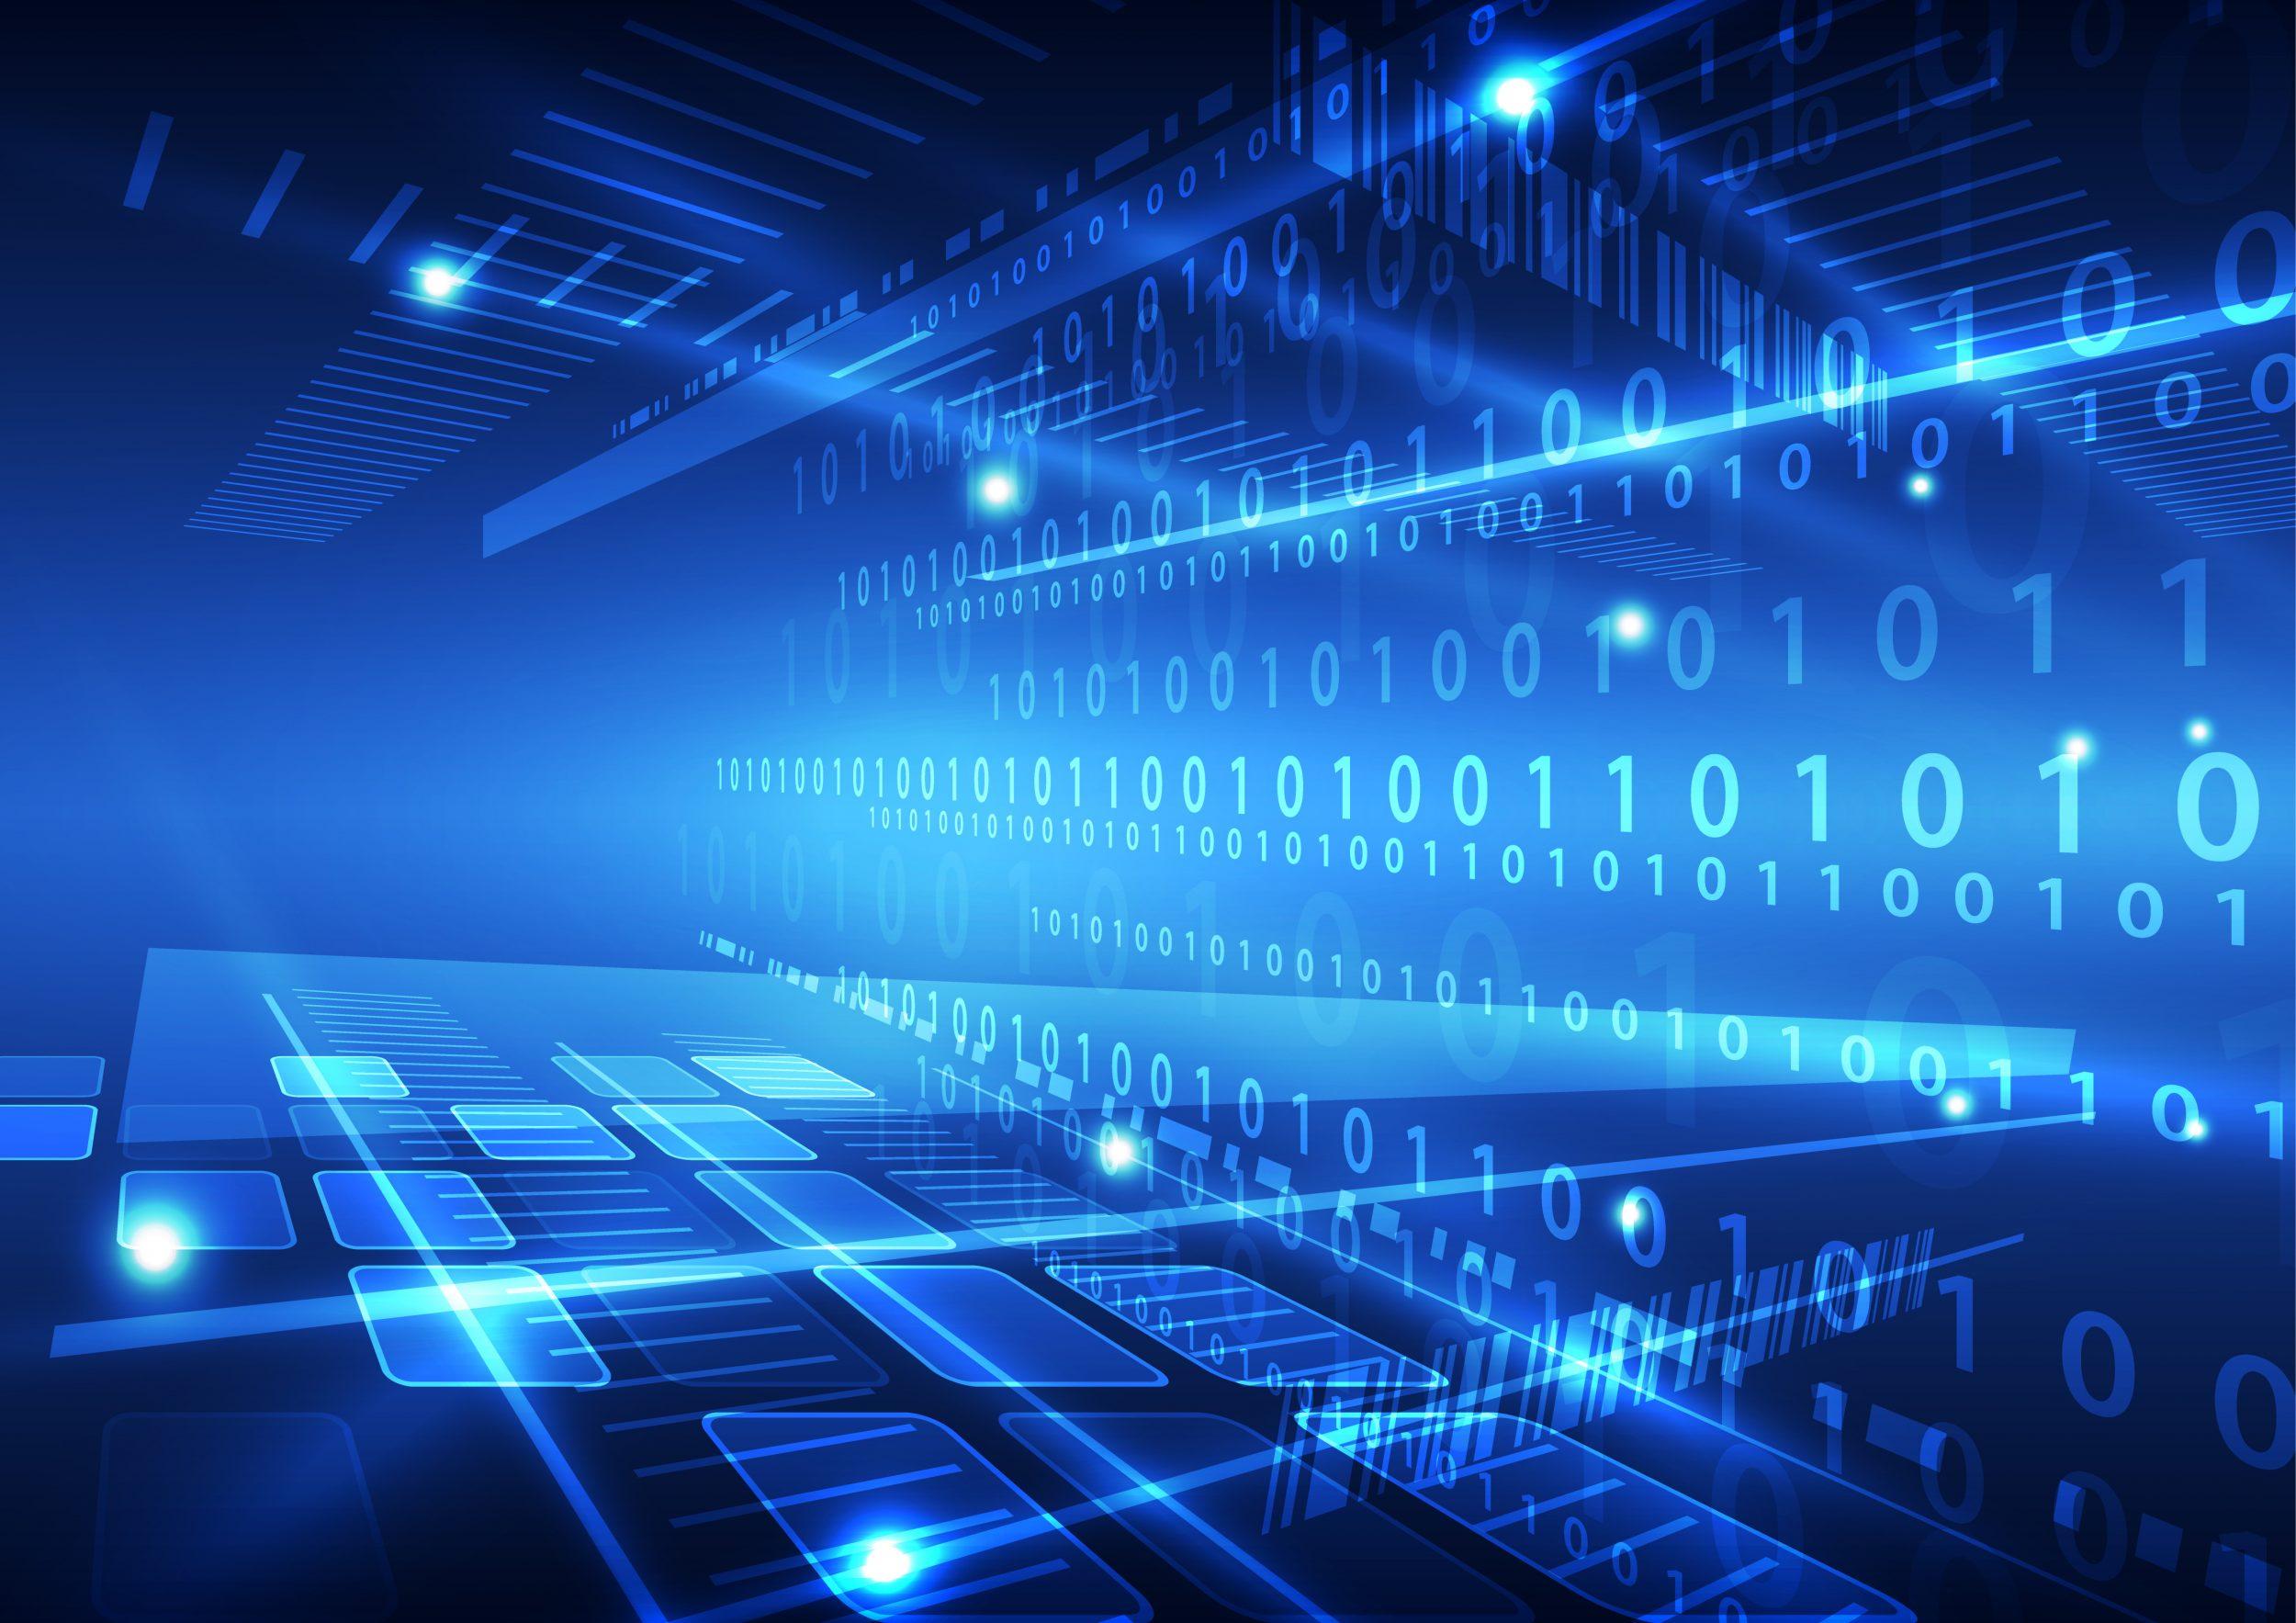 Formation Maîtriser La Gestion Des Systèmes D'information Avec ITIL